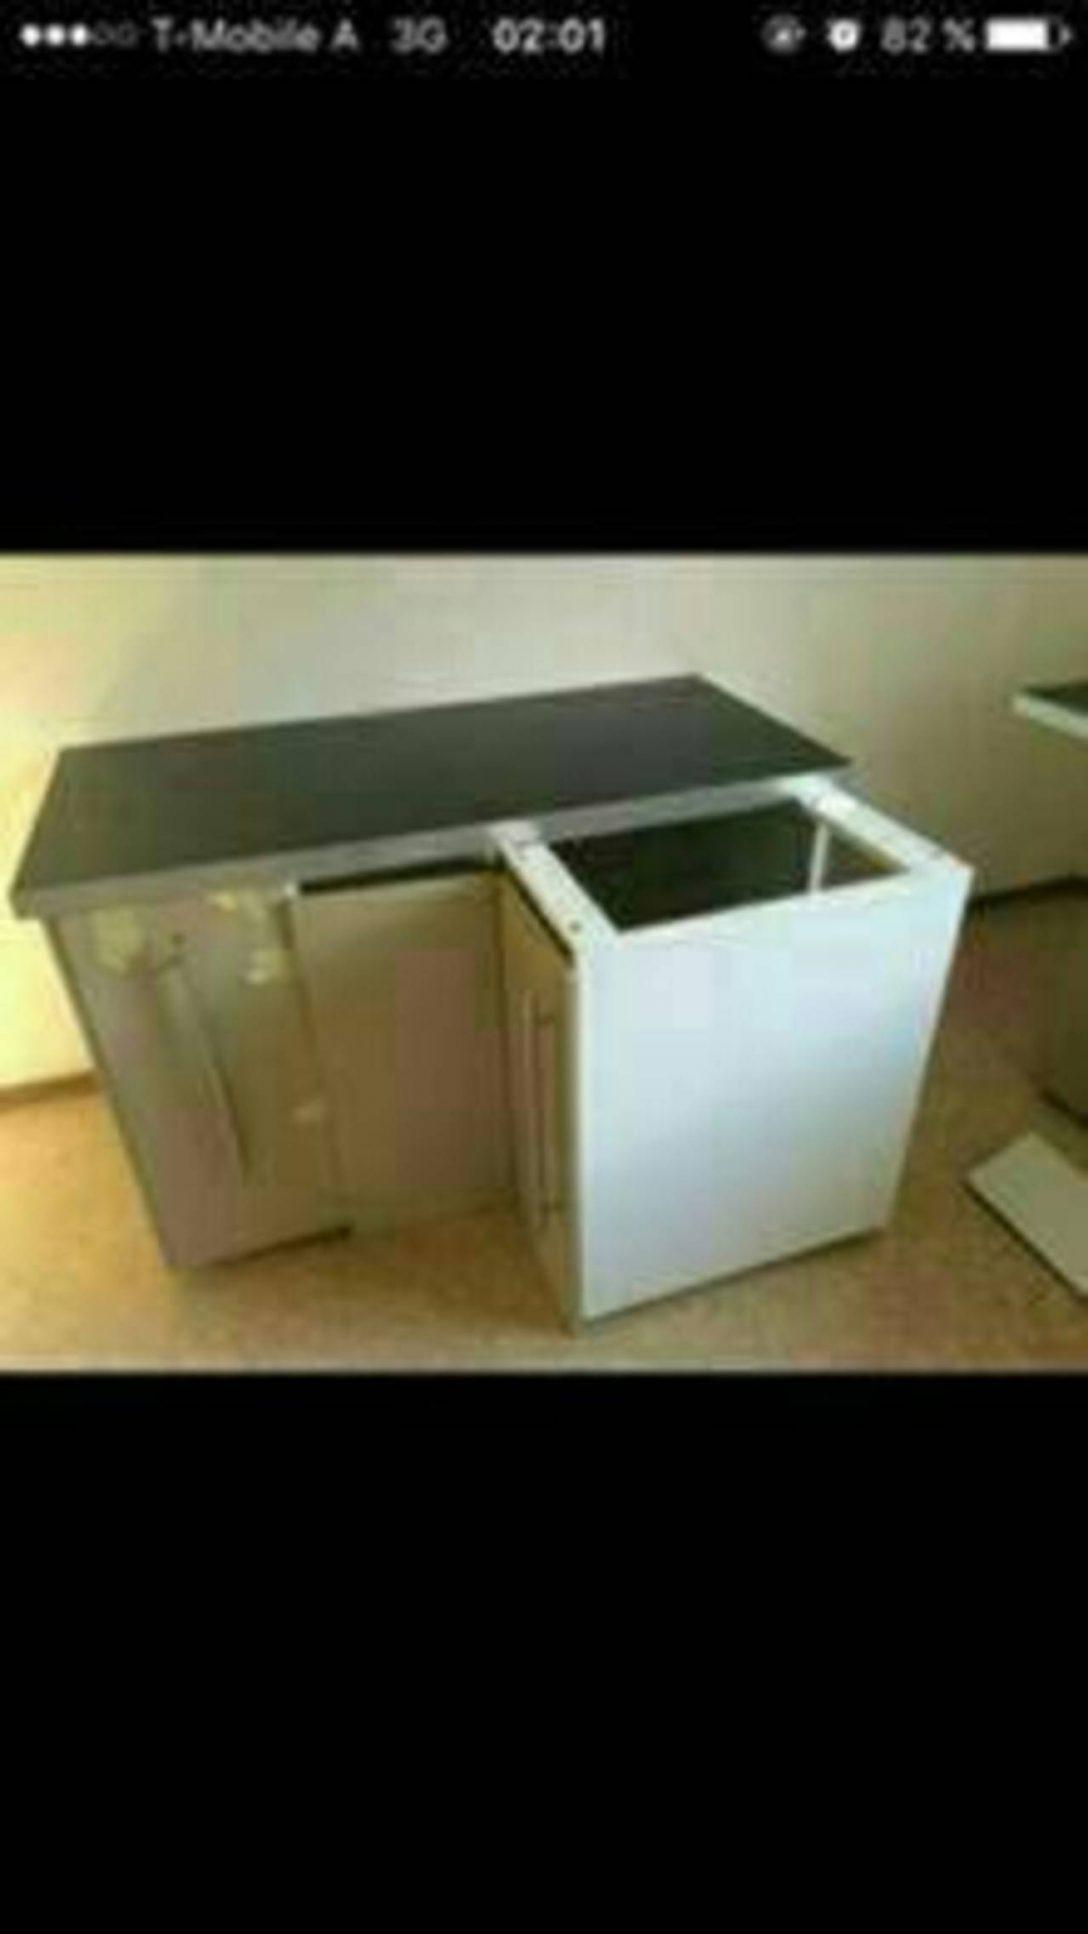 Large Size of Teppich Küchekomplettküche Mit Elektrogeräten Willhaben Komplettküche Komplettküche Angebot Respekta Küche Küchenzeile Küchenblock Einbauküche Komplettküche Weiß 320 Cm Küche Komplettküche